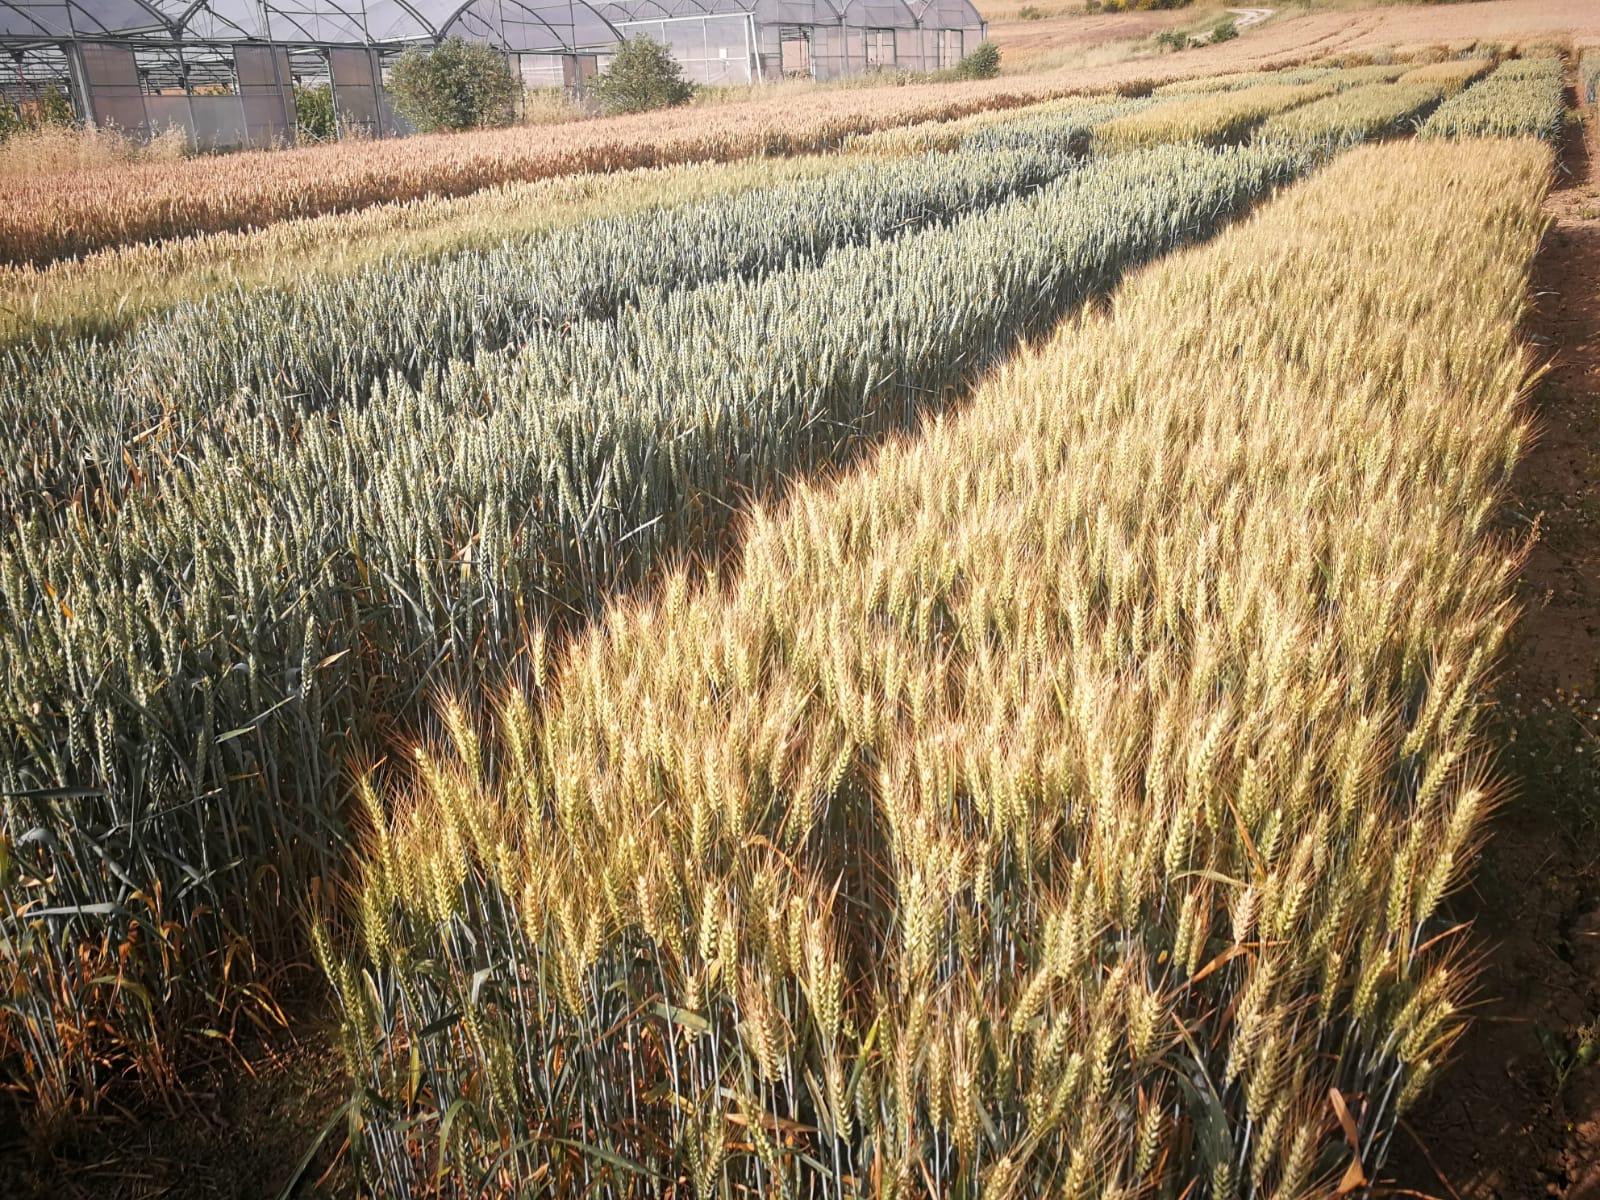 Parcelas de trigo en España con el objetivo de aumentar el rendimiento y la calidad del trigo.